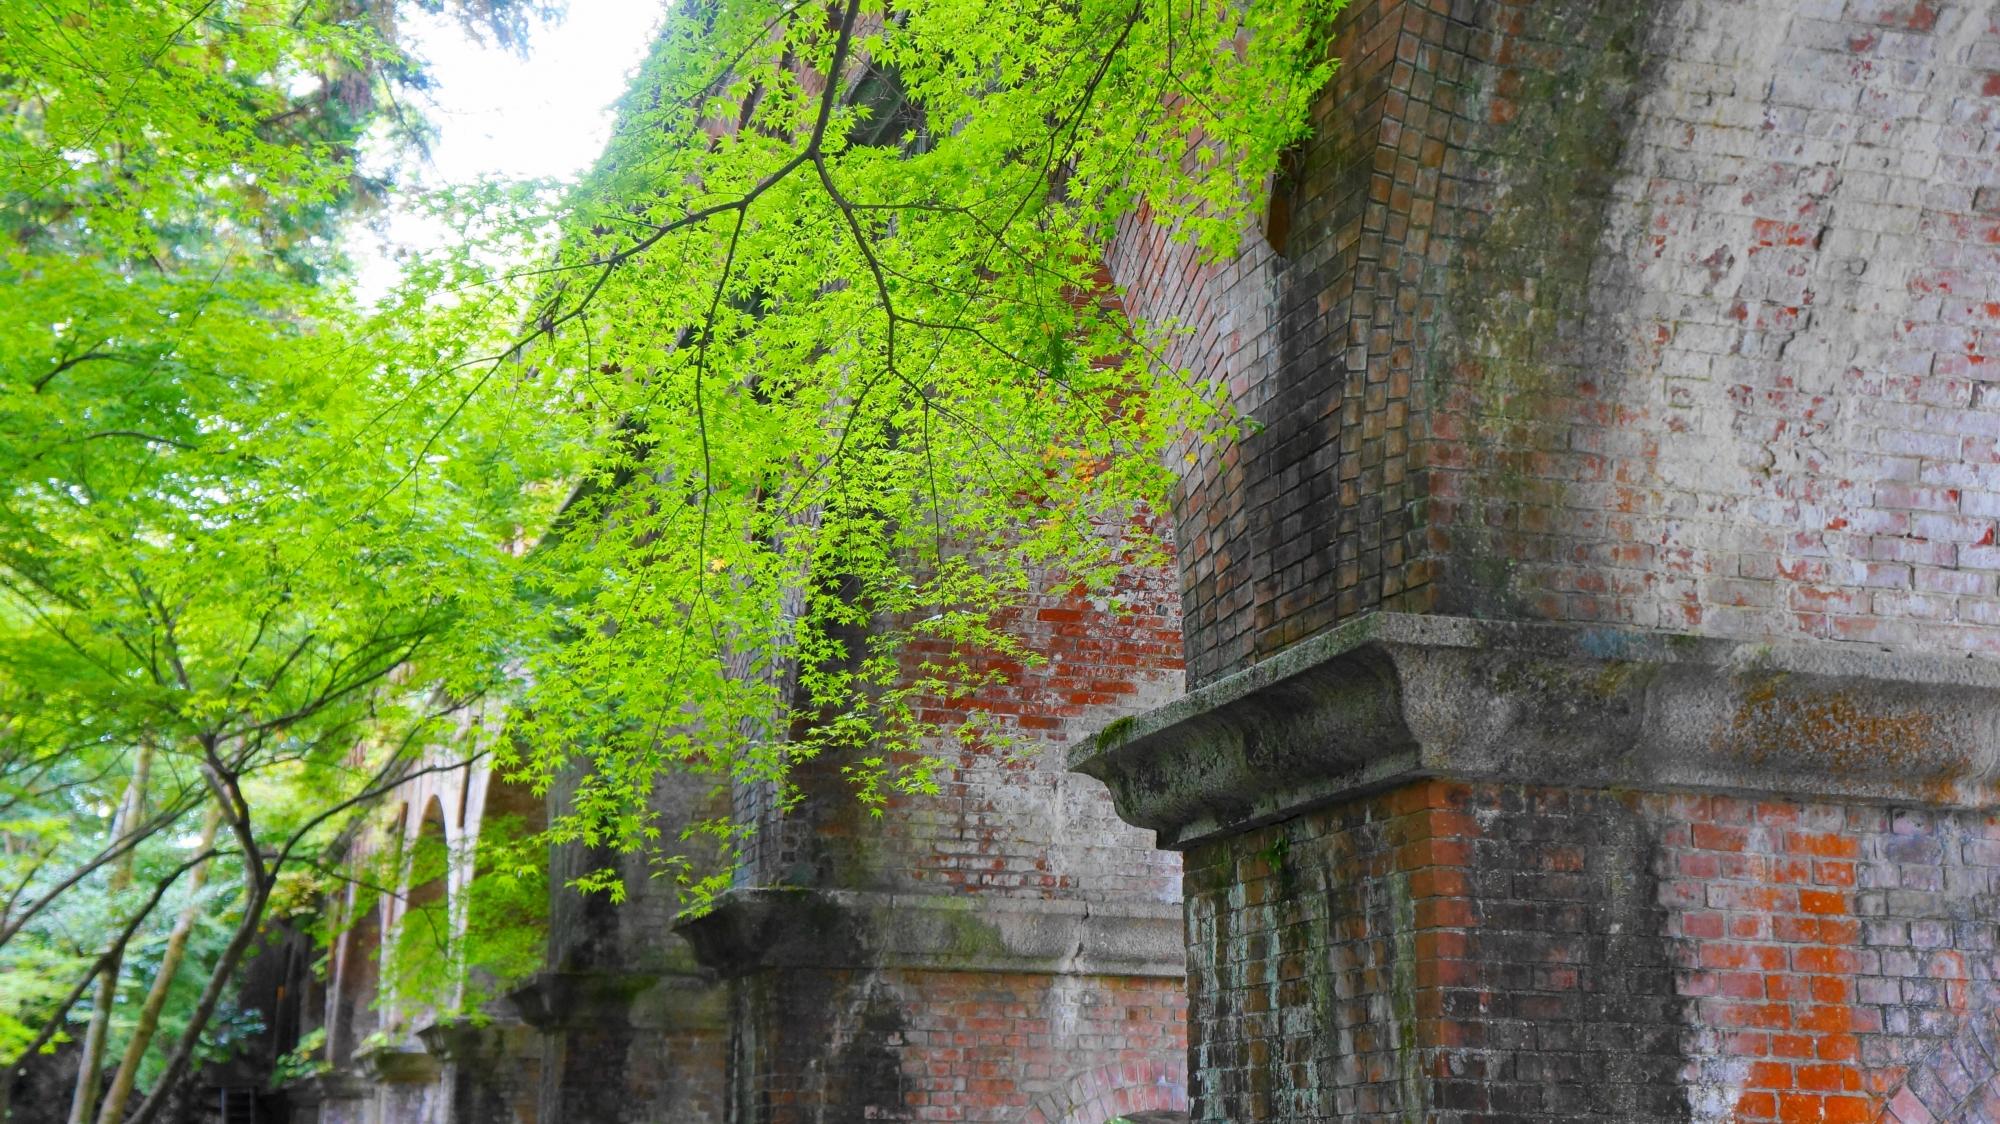 南禅寺のレトロな水路閣の美しい青もみじ